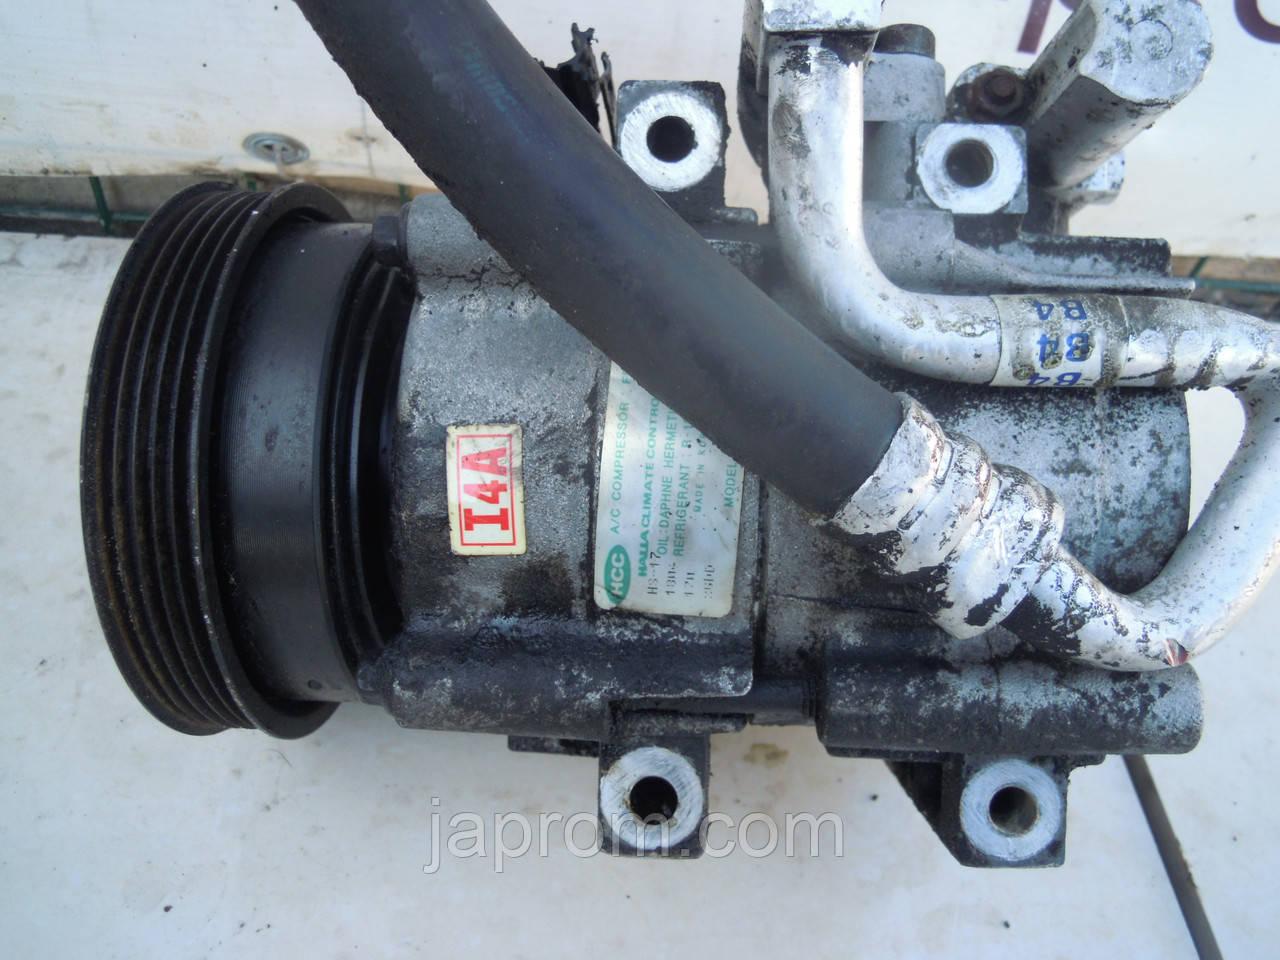 Компрессор кондиционера KIA HYUNDAI 2001-2008г.в. 2.0, 2.4, 2.5, 2.7 бензин